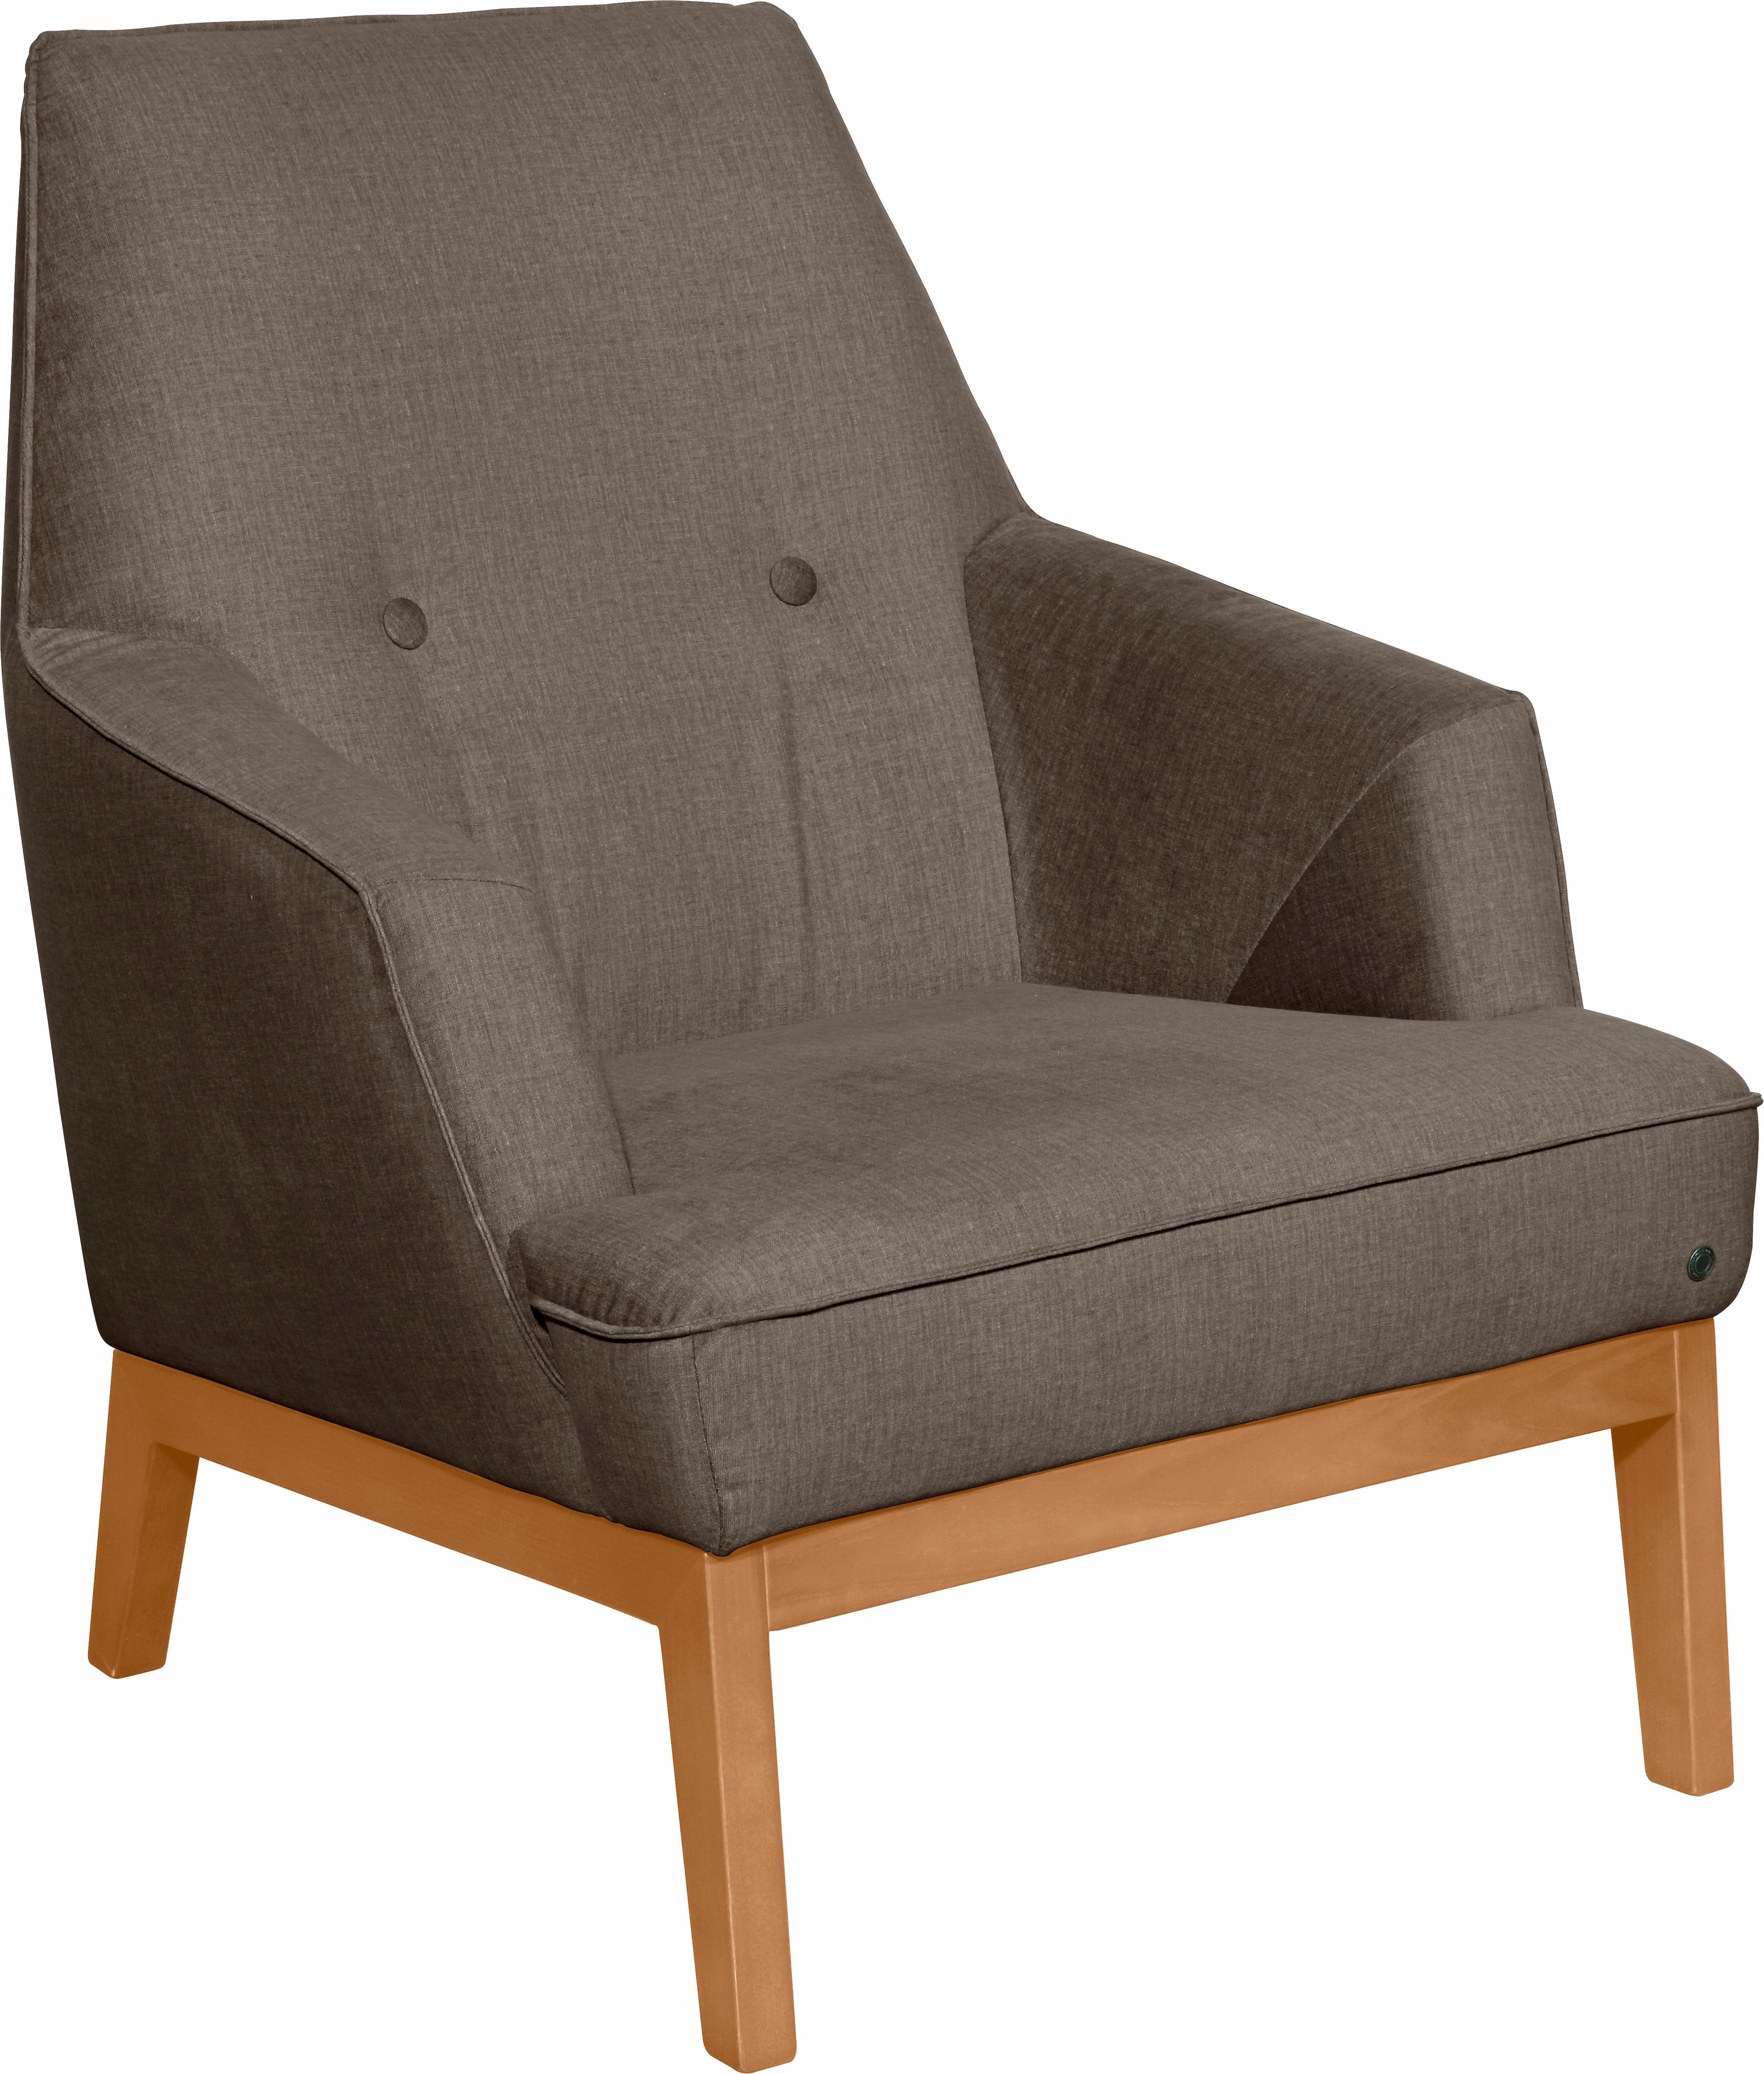 TOM TAILOR Sessel »COZY«, im Retrolook, mit Kedernaht und Knöpfung, Füße Bu günstig online kaufen